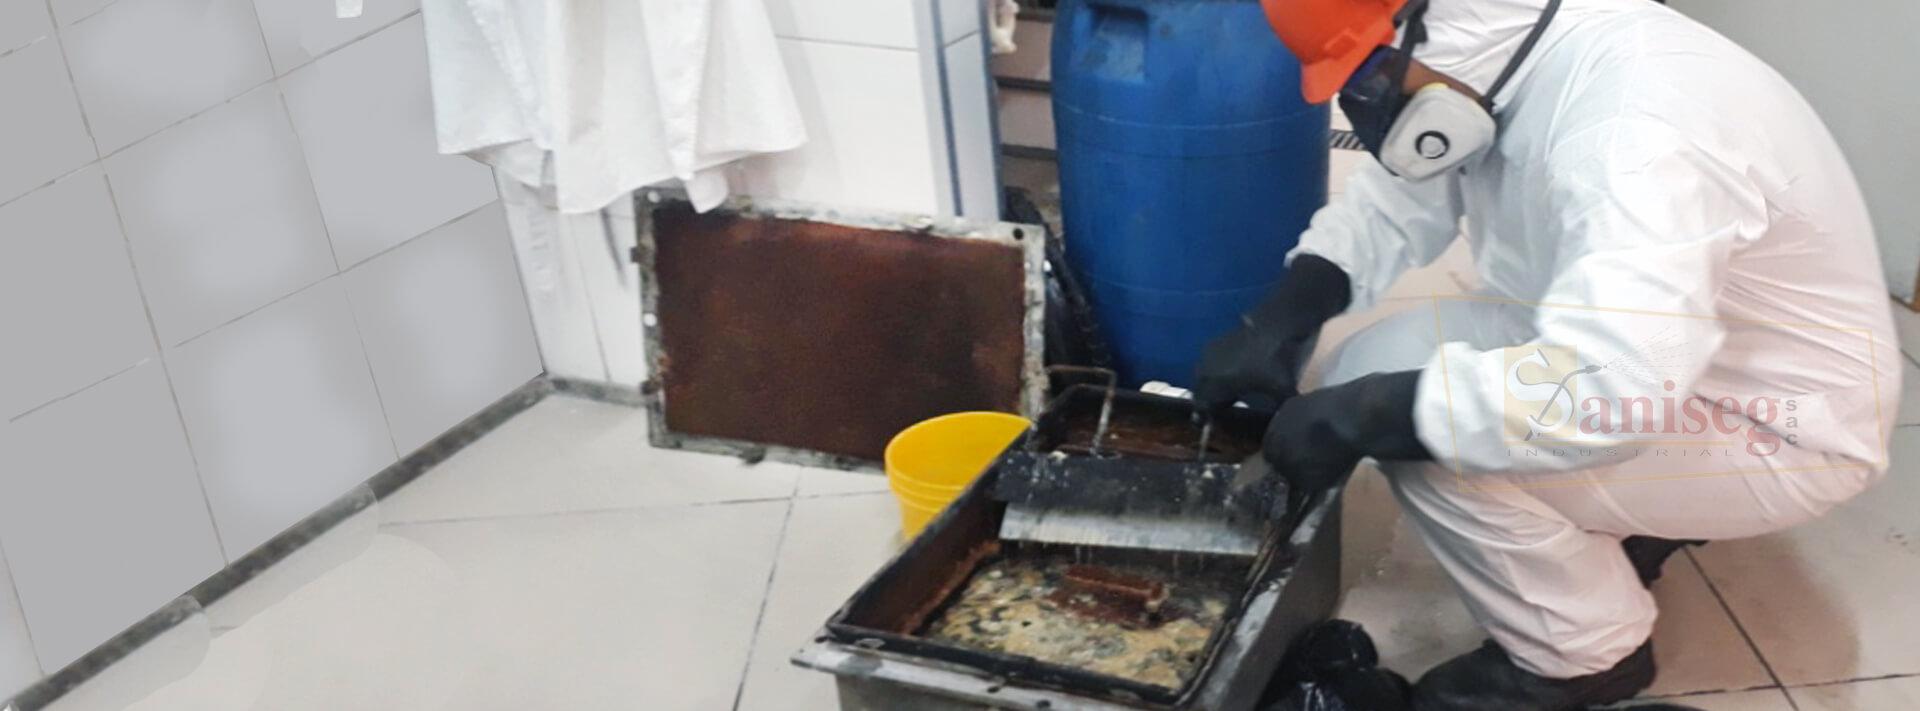 Limpieza de cajas interceptoras de grasas y aceites